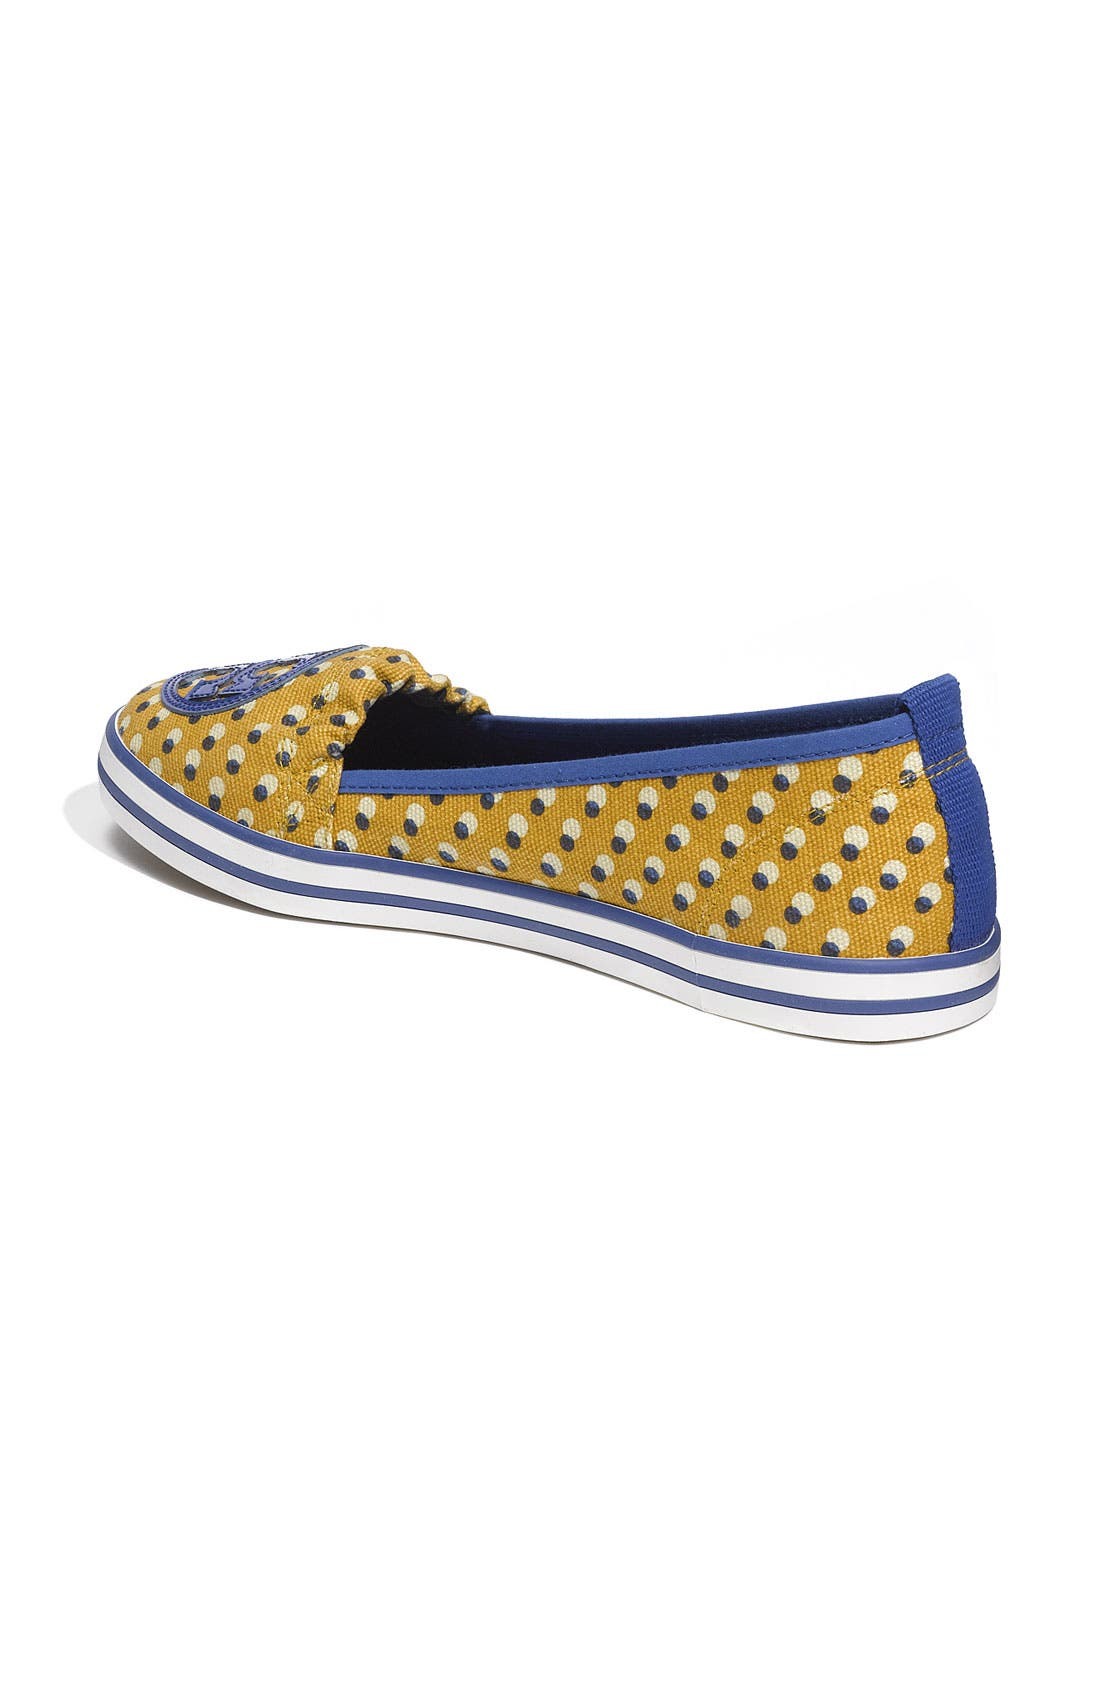 Alternate Image 2  - Tory Burch Slip On Sneaker